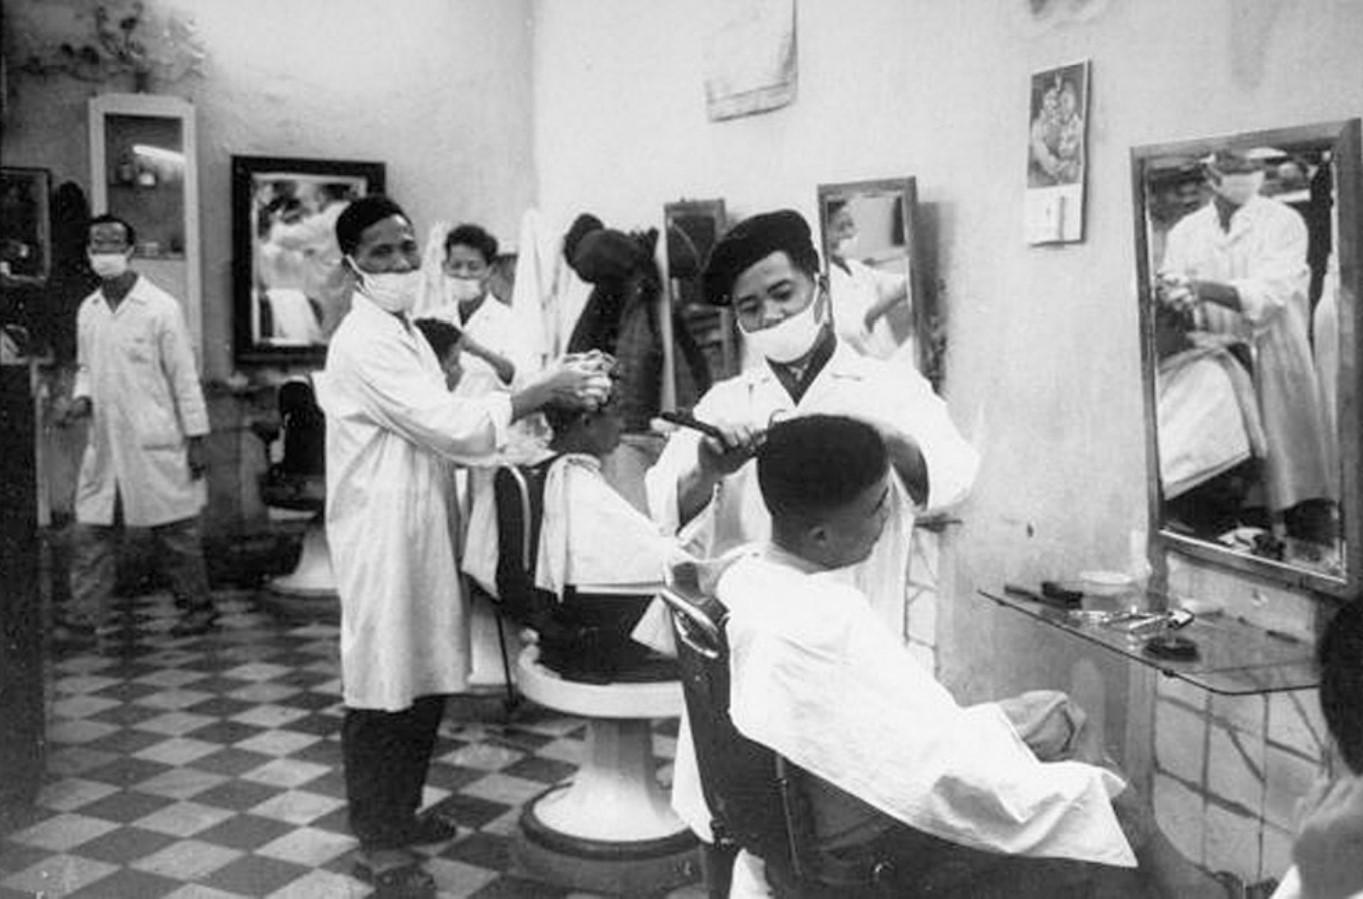 Парикмахеры в марлевых повязках подстригают клиентов